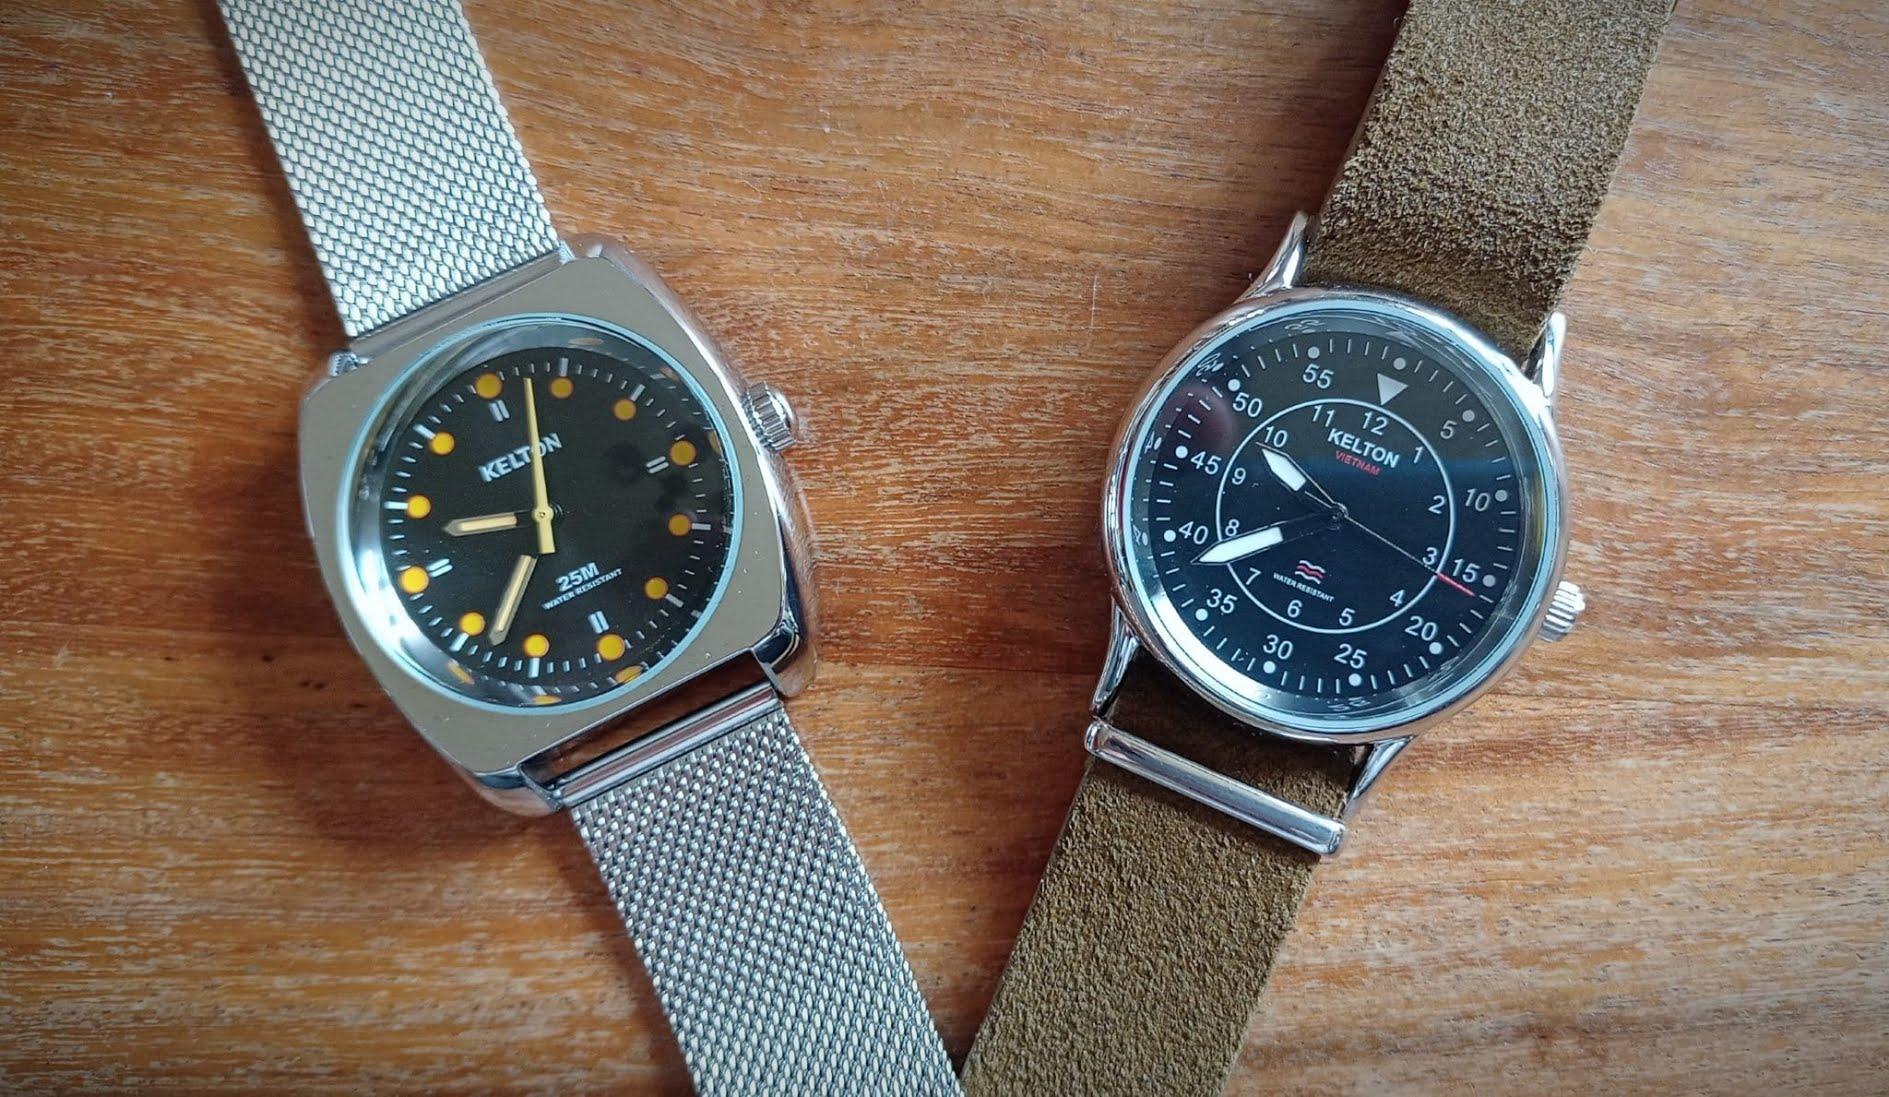 Review sur les montres Kelton